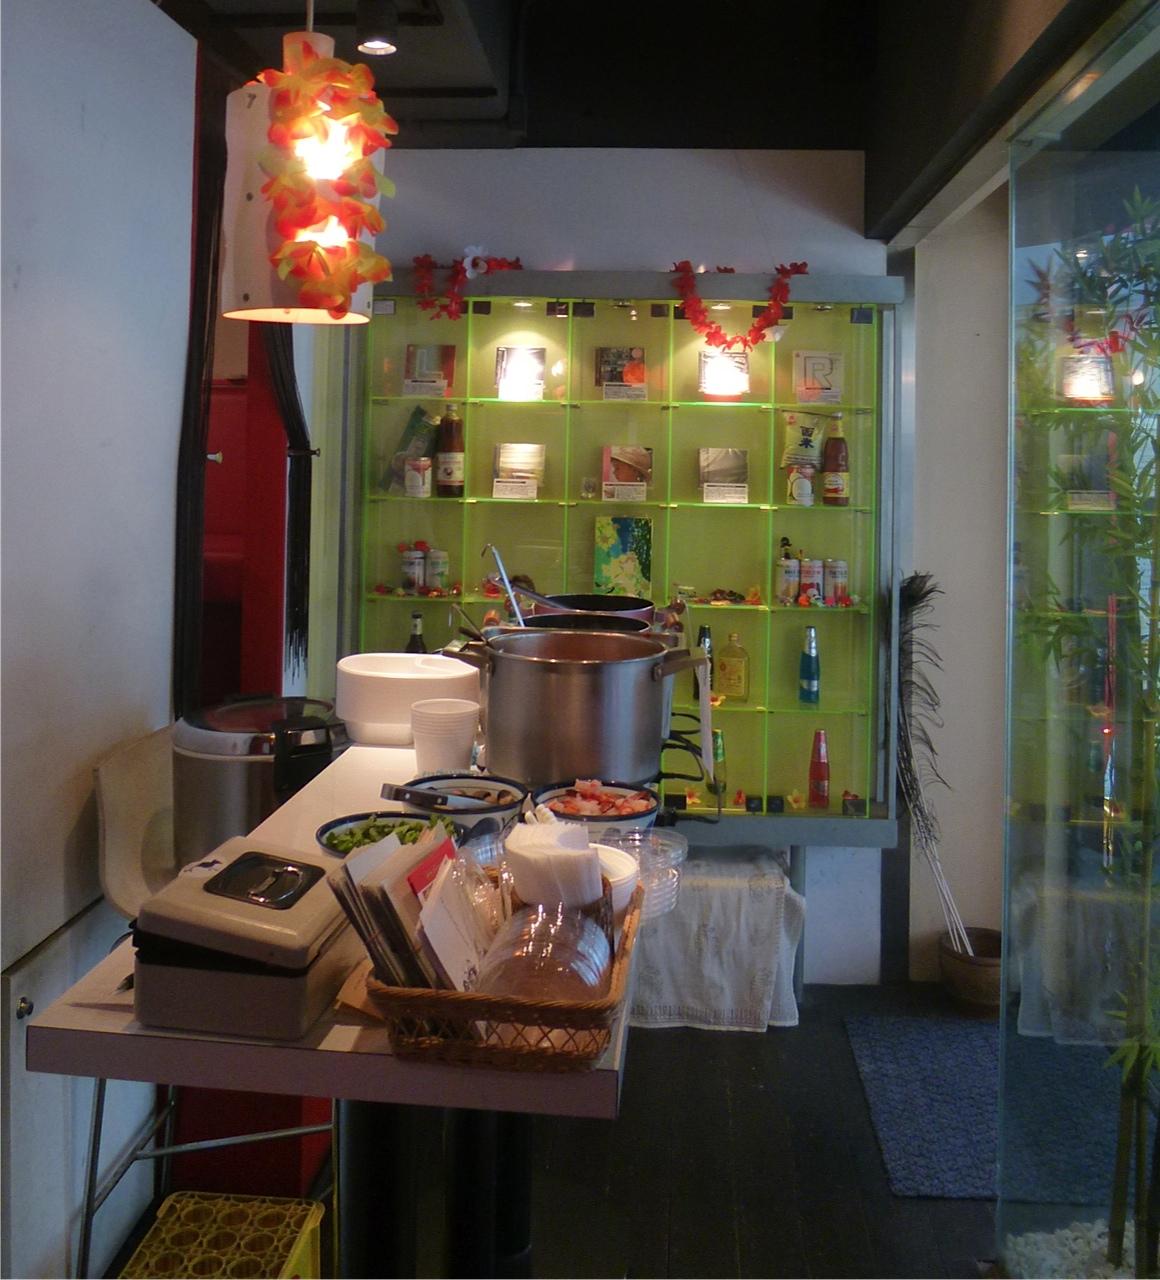 My Kind of Cafeteria - Gapao Shokudo